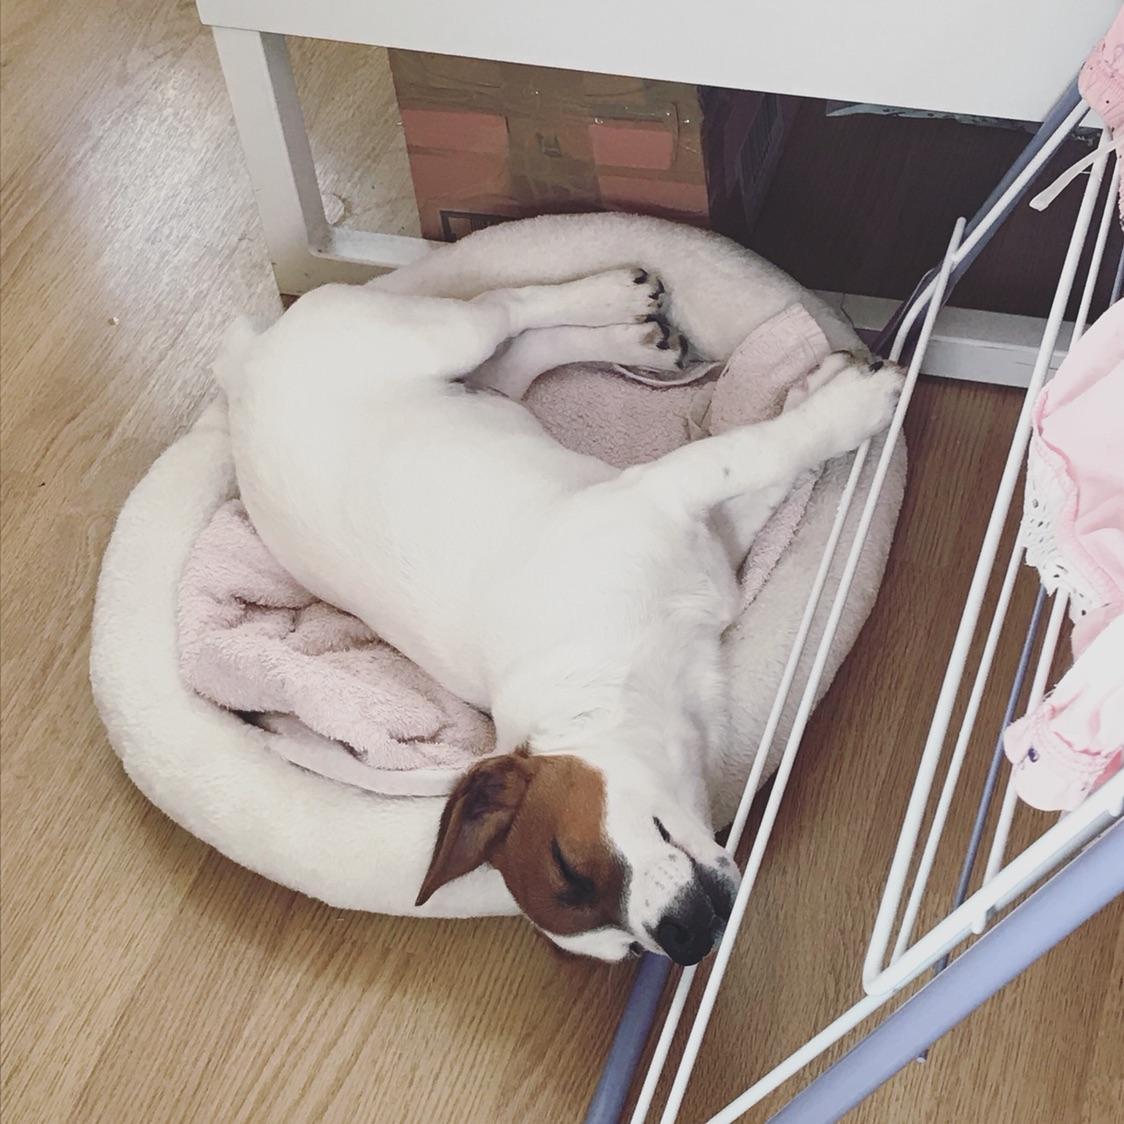 多图睡姿大比拼:谁能战胜我家狗子😂